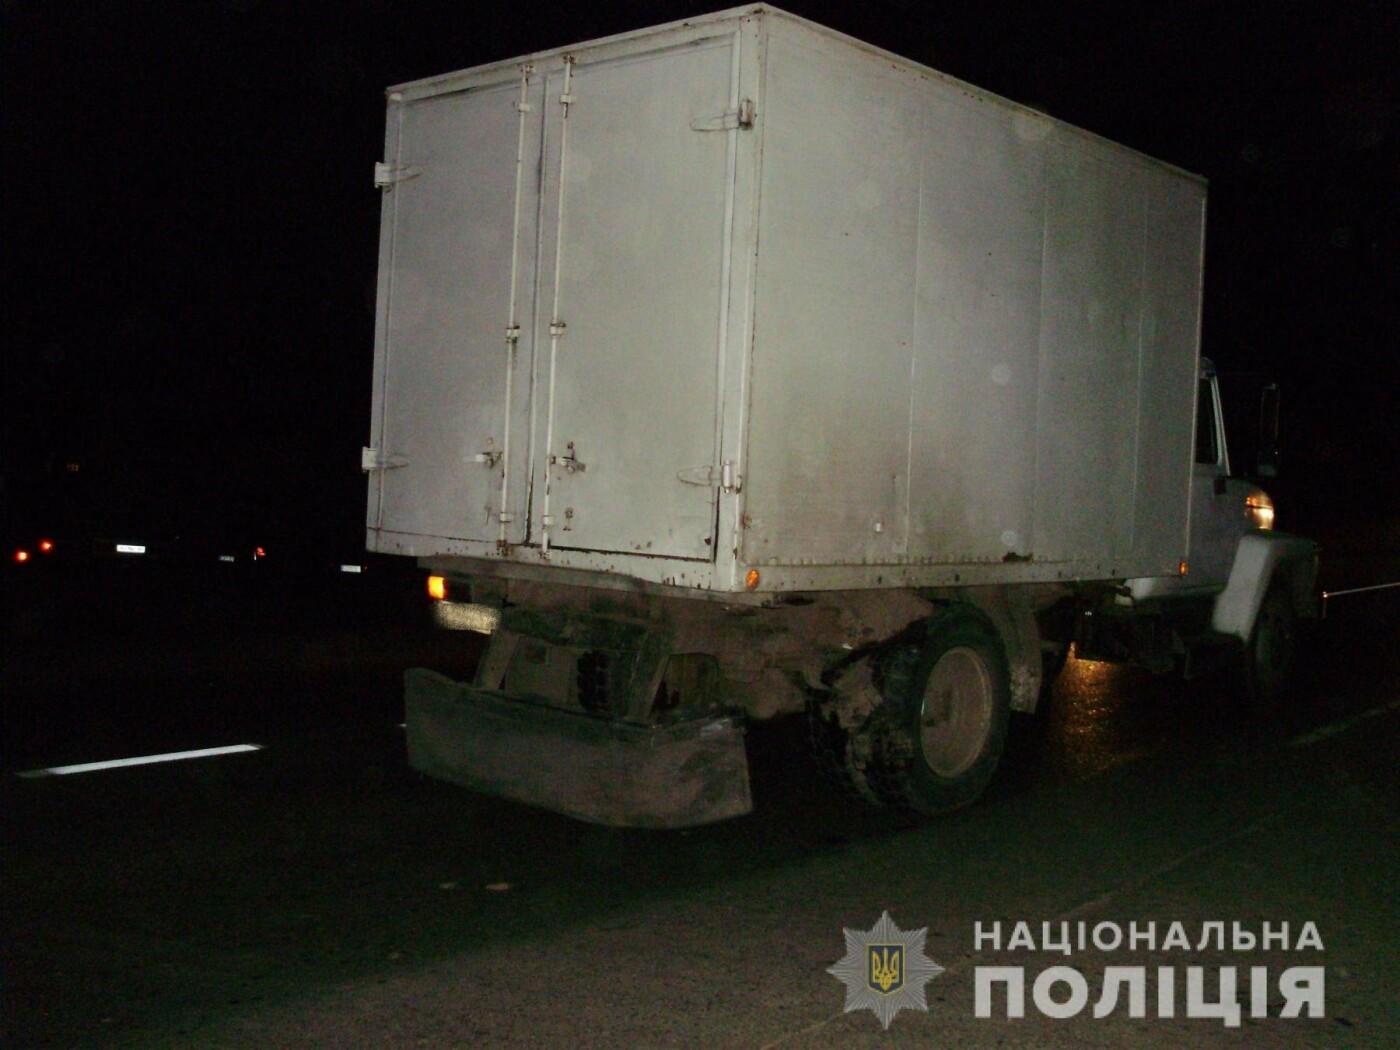 У Ракошино в ДТП загинув 22-річний мотоцикліст: чоловік був без шолому, вдарився головою в зад вантажівки (УСІ ПОДРОБИЦІ, ФОТО), фото-3